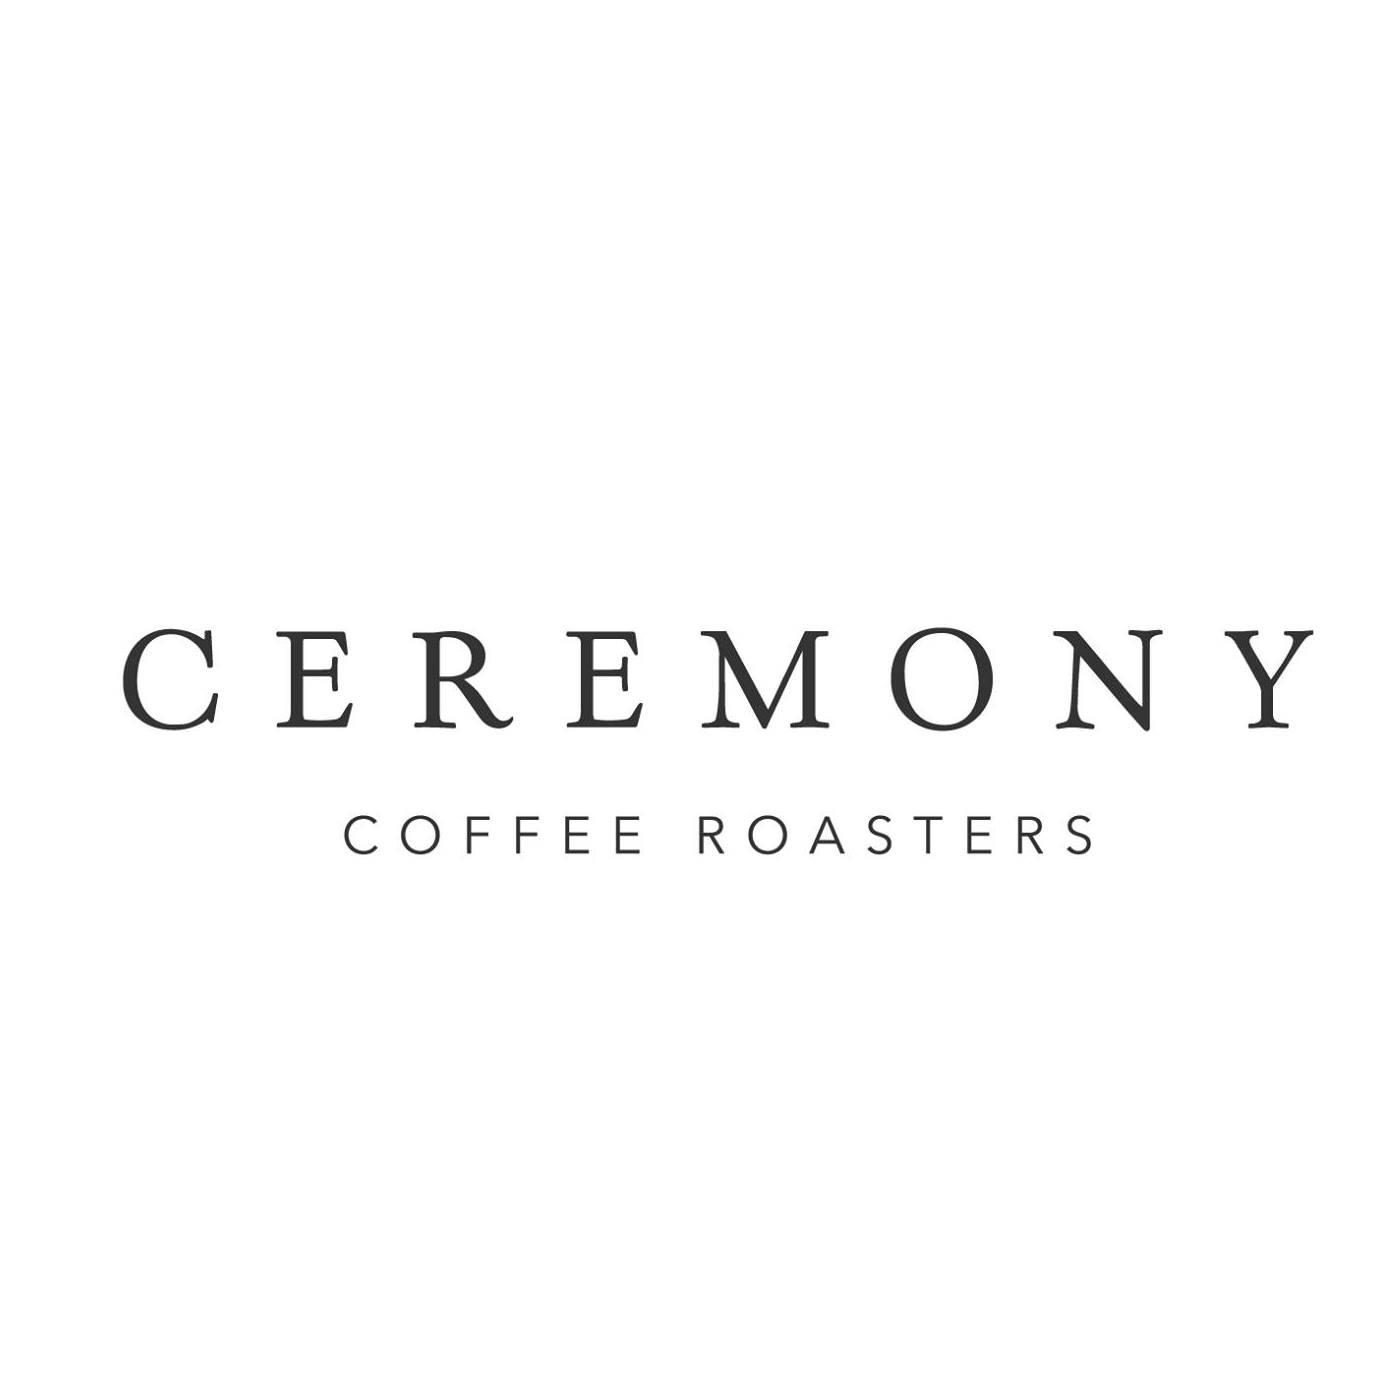 Ceremony Coffee Roasters - Mt. Vernon